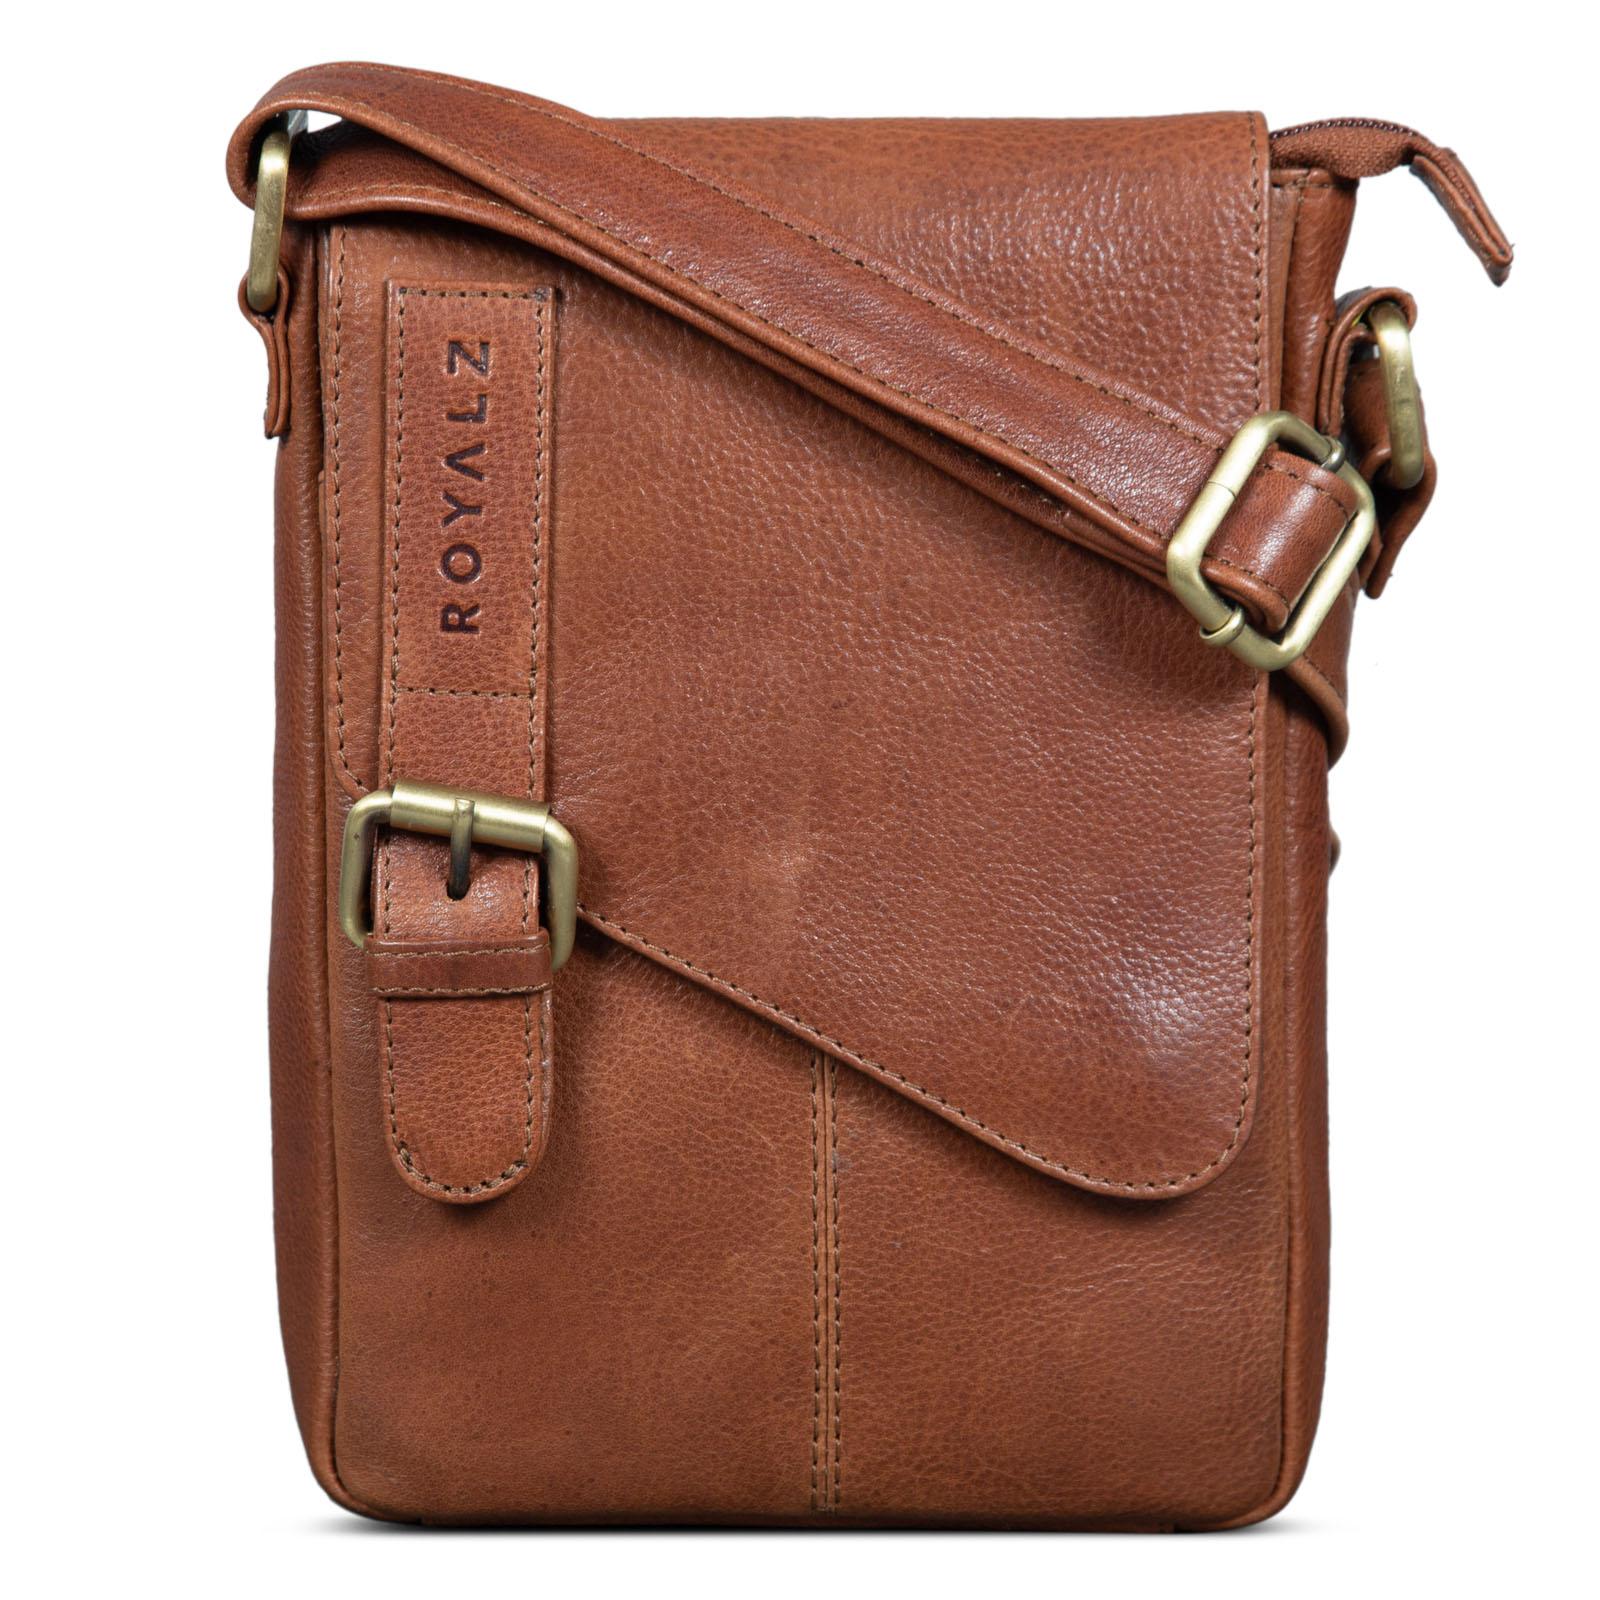 BRASIL´s Umhängetasche aus LEDER Schultertasche MESSENGER BAG Zeitloses Design